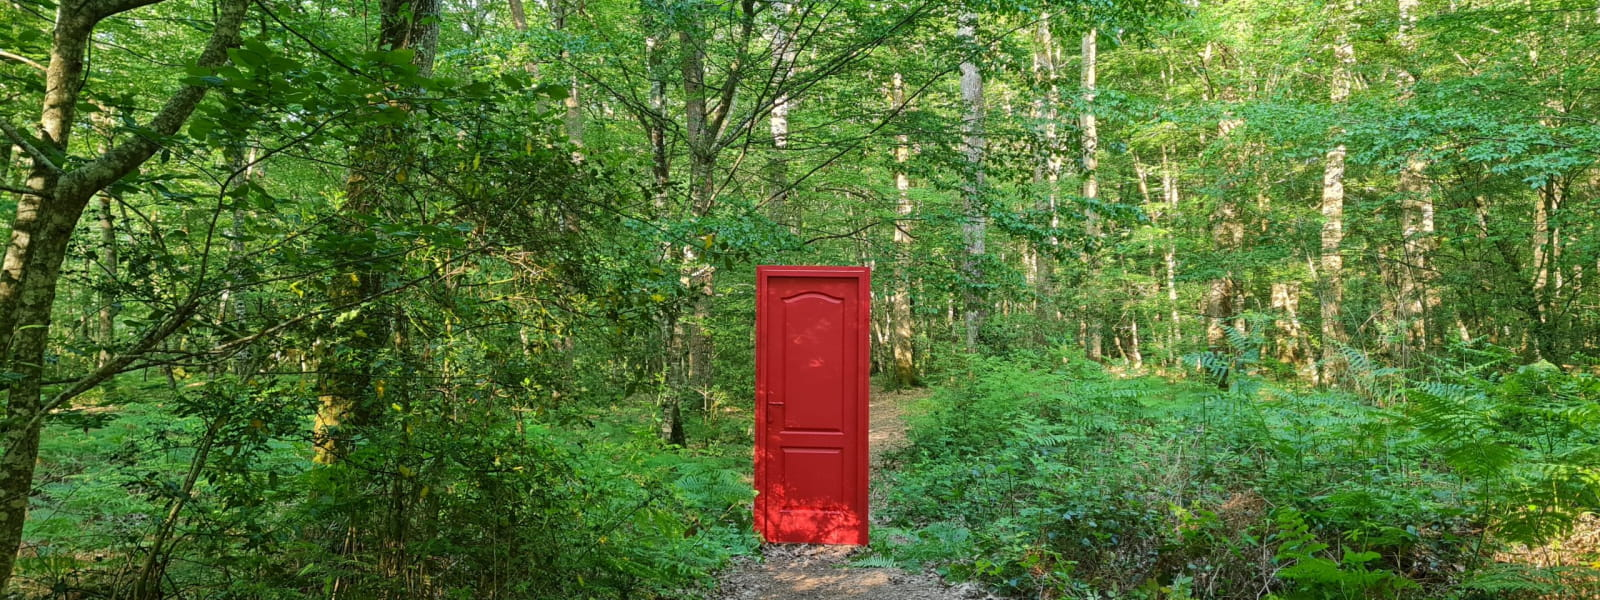 Porte rouge en Forêt